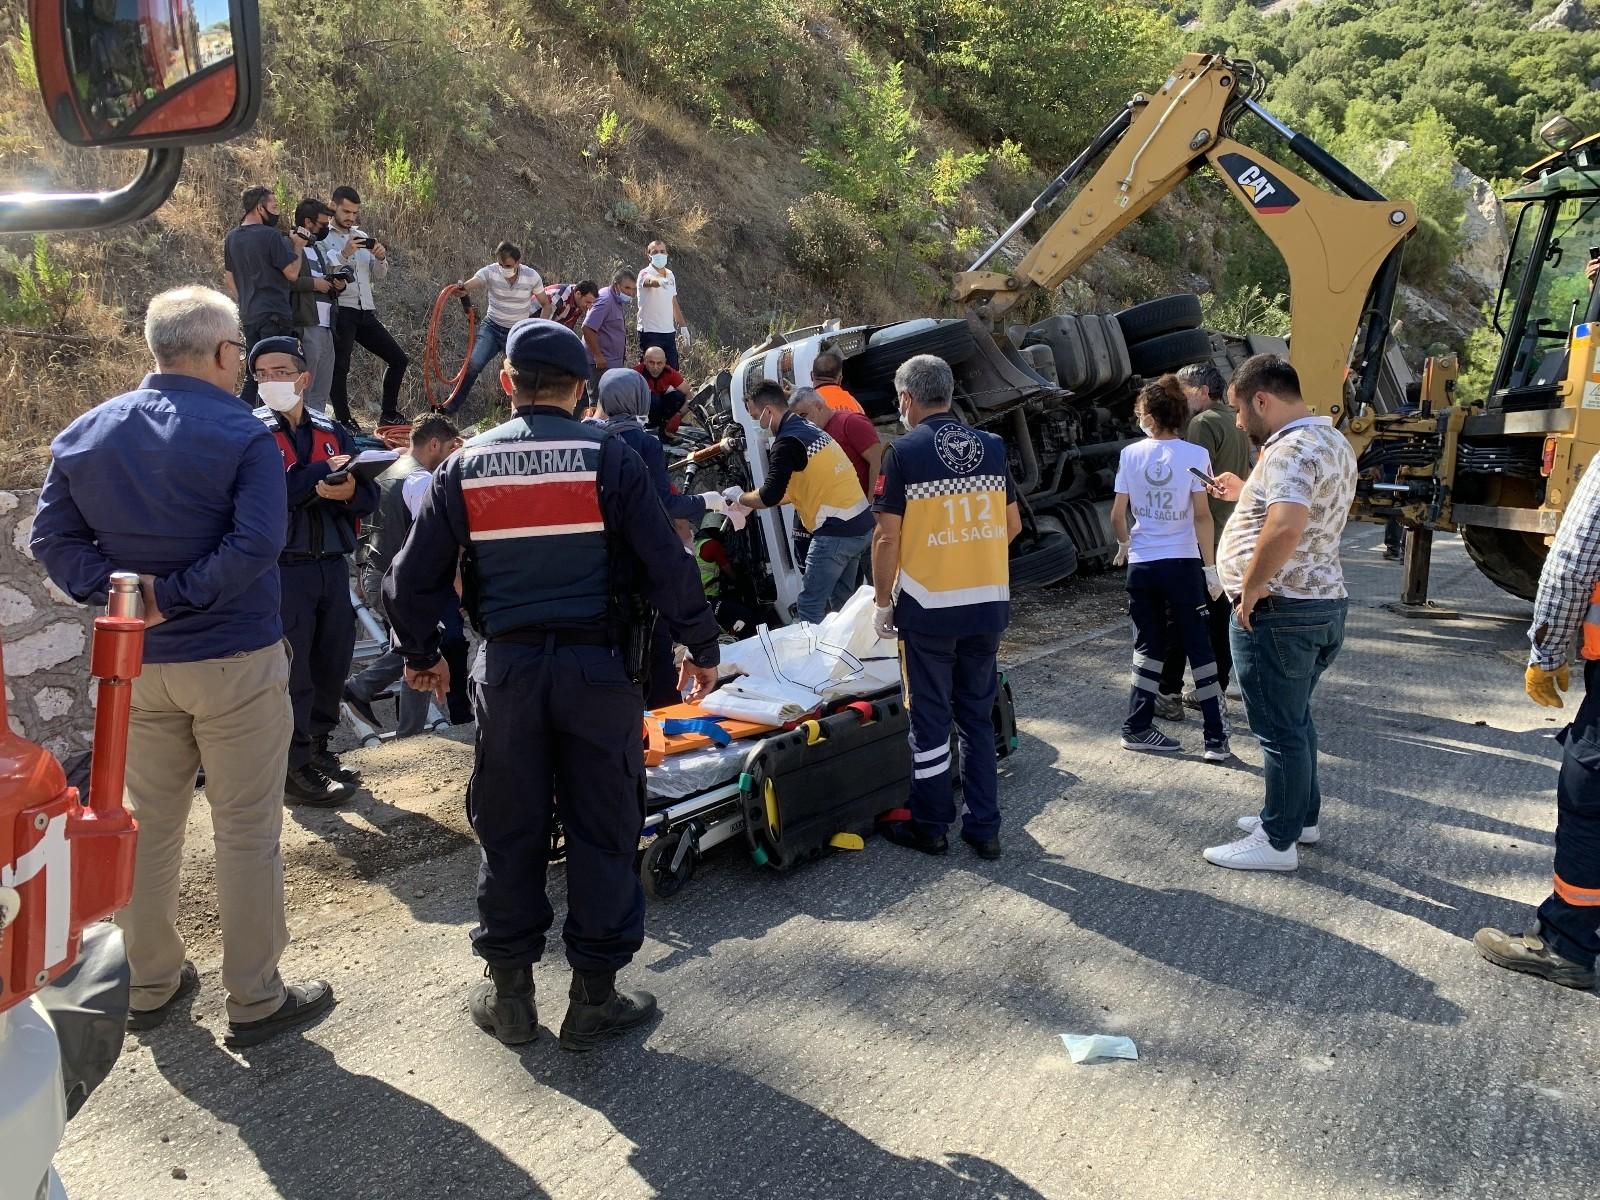 Isparta-Antalya yolunda can pazarı: 2 ölü, 1 ağır yaralı #burdur